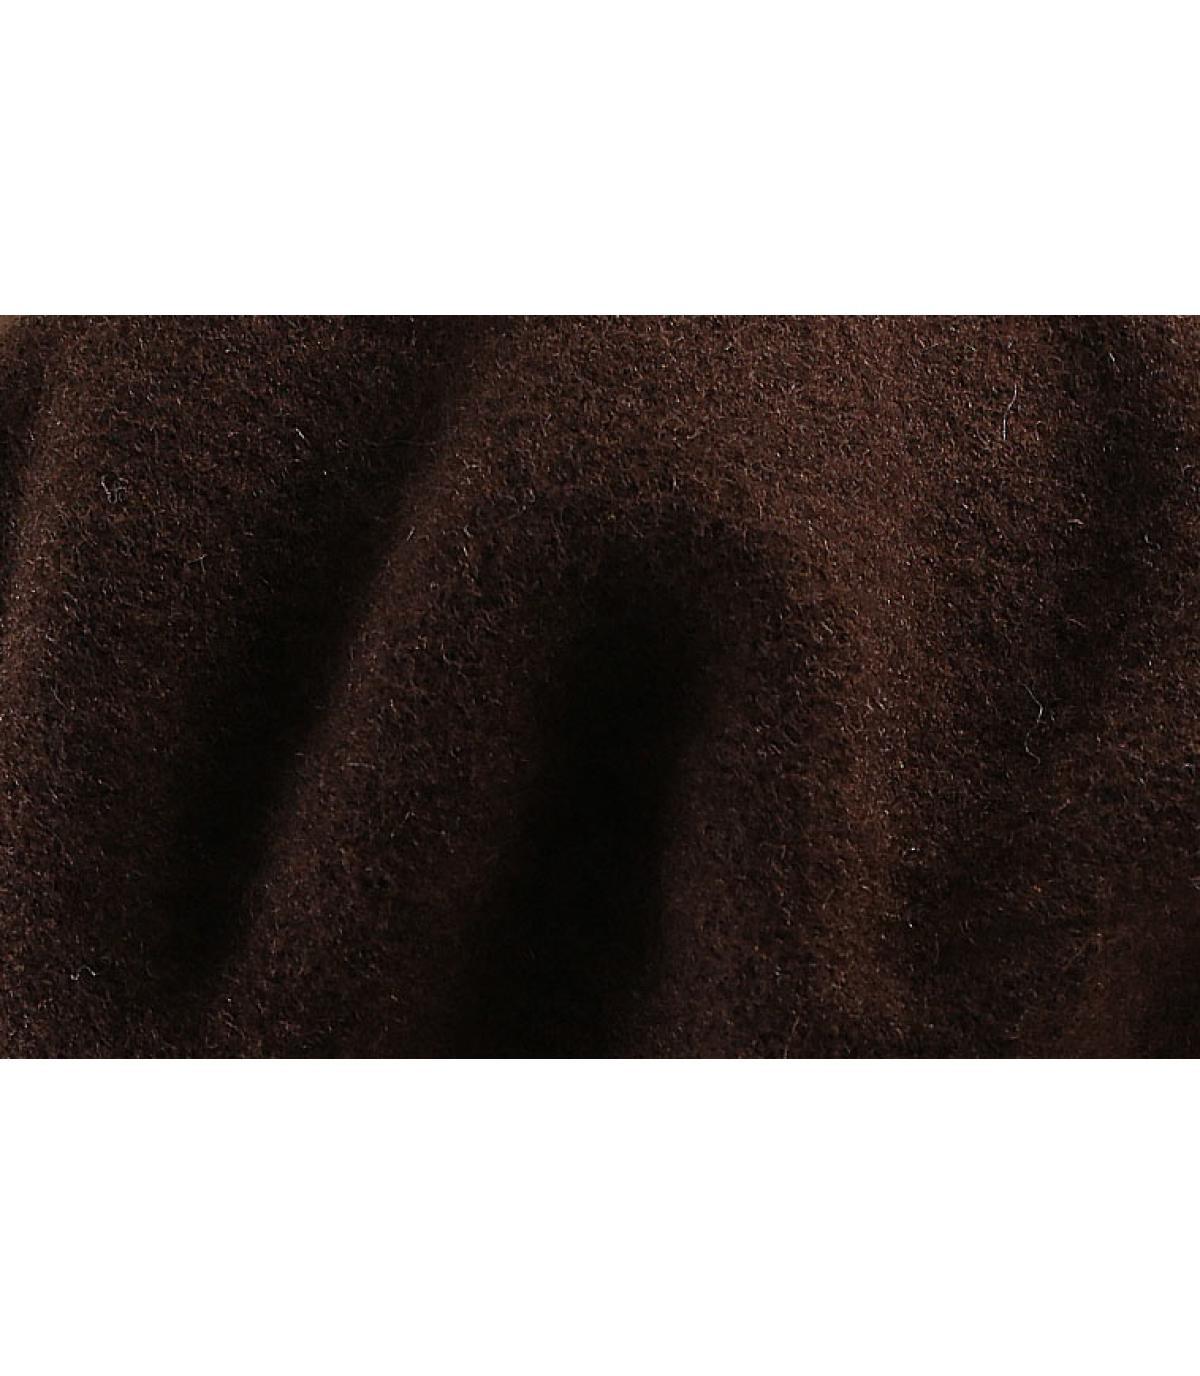 Détails Beret classique chocolat - image 3